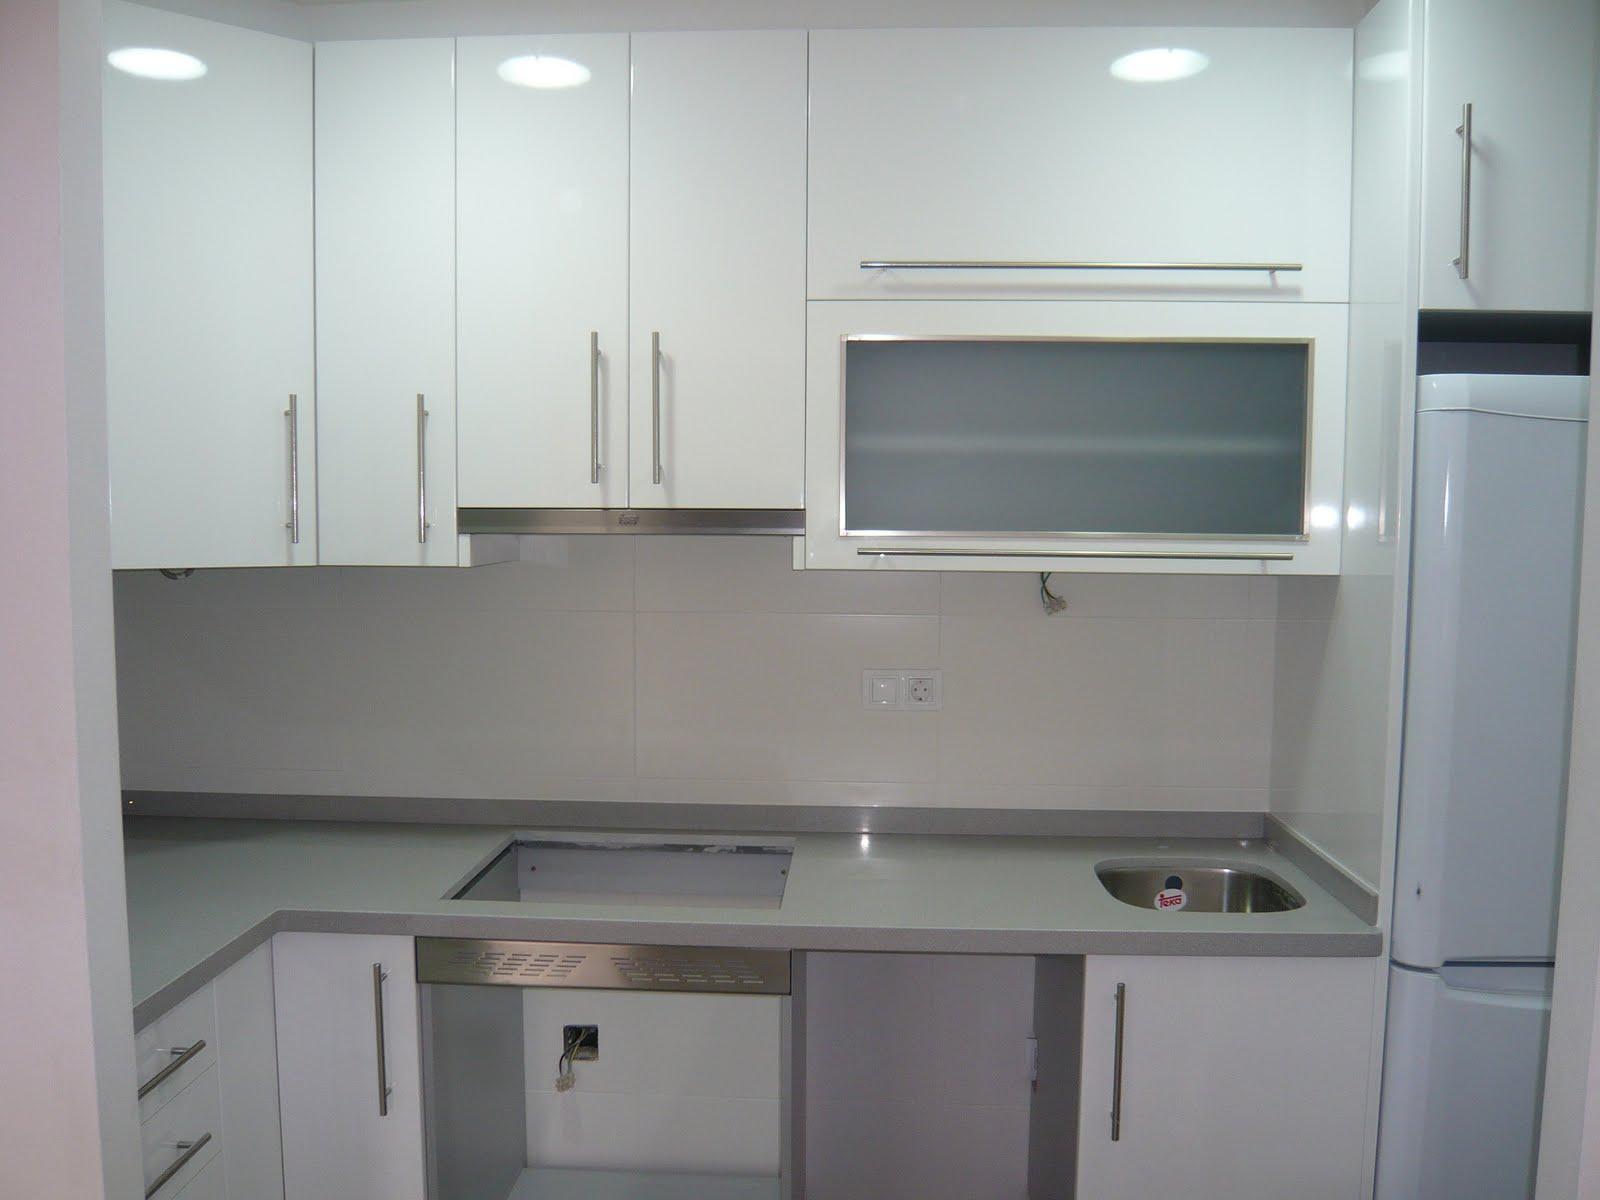 Muebles De Formica Para Cocina Dise Os Arquitect Nicos Mimasku Com ~ Limpiar Muebles De Cocina De Formica Mate